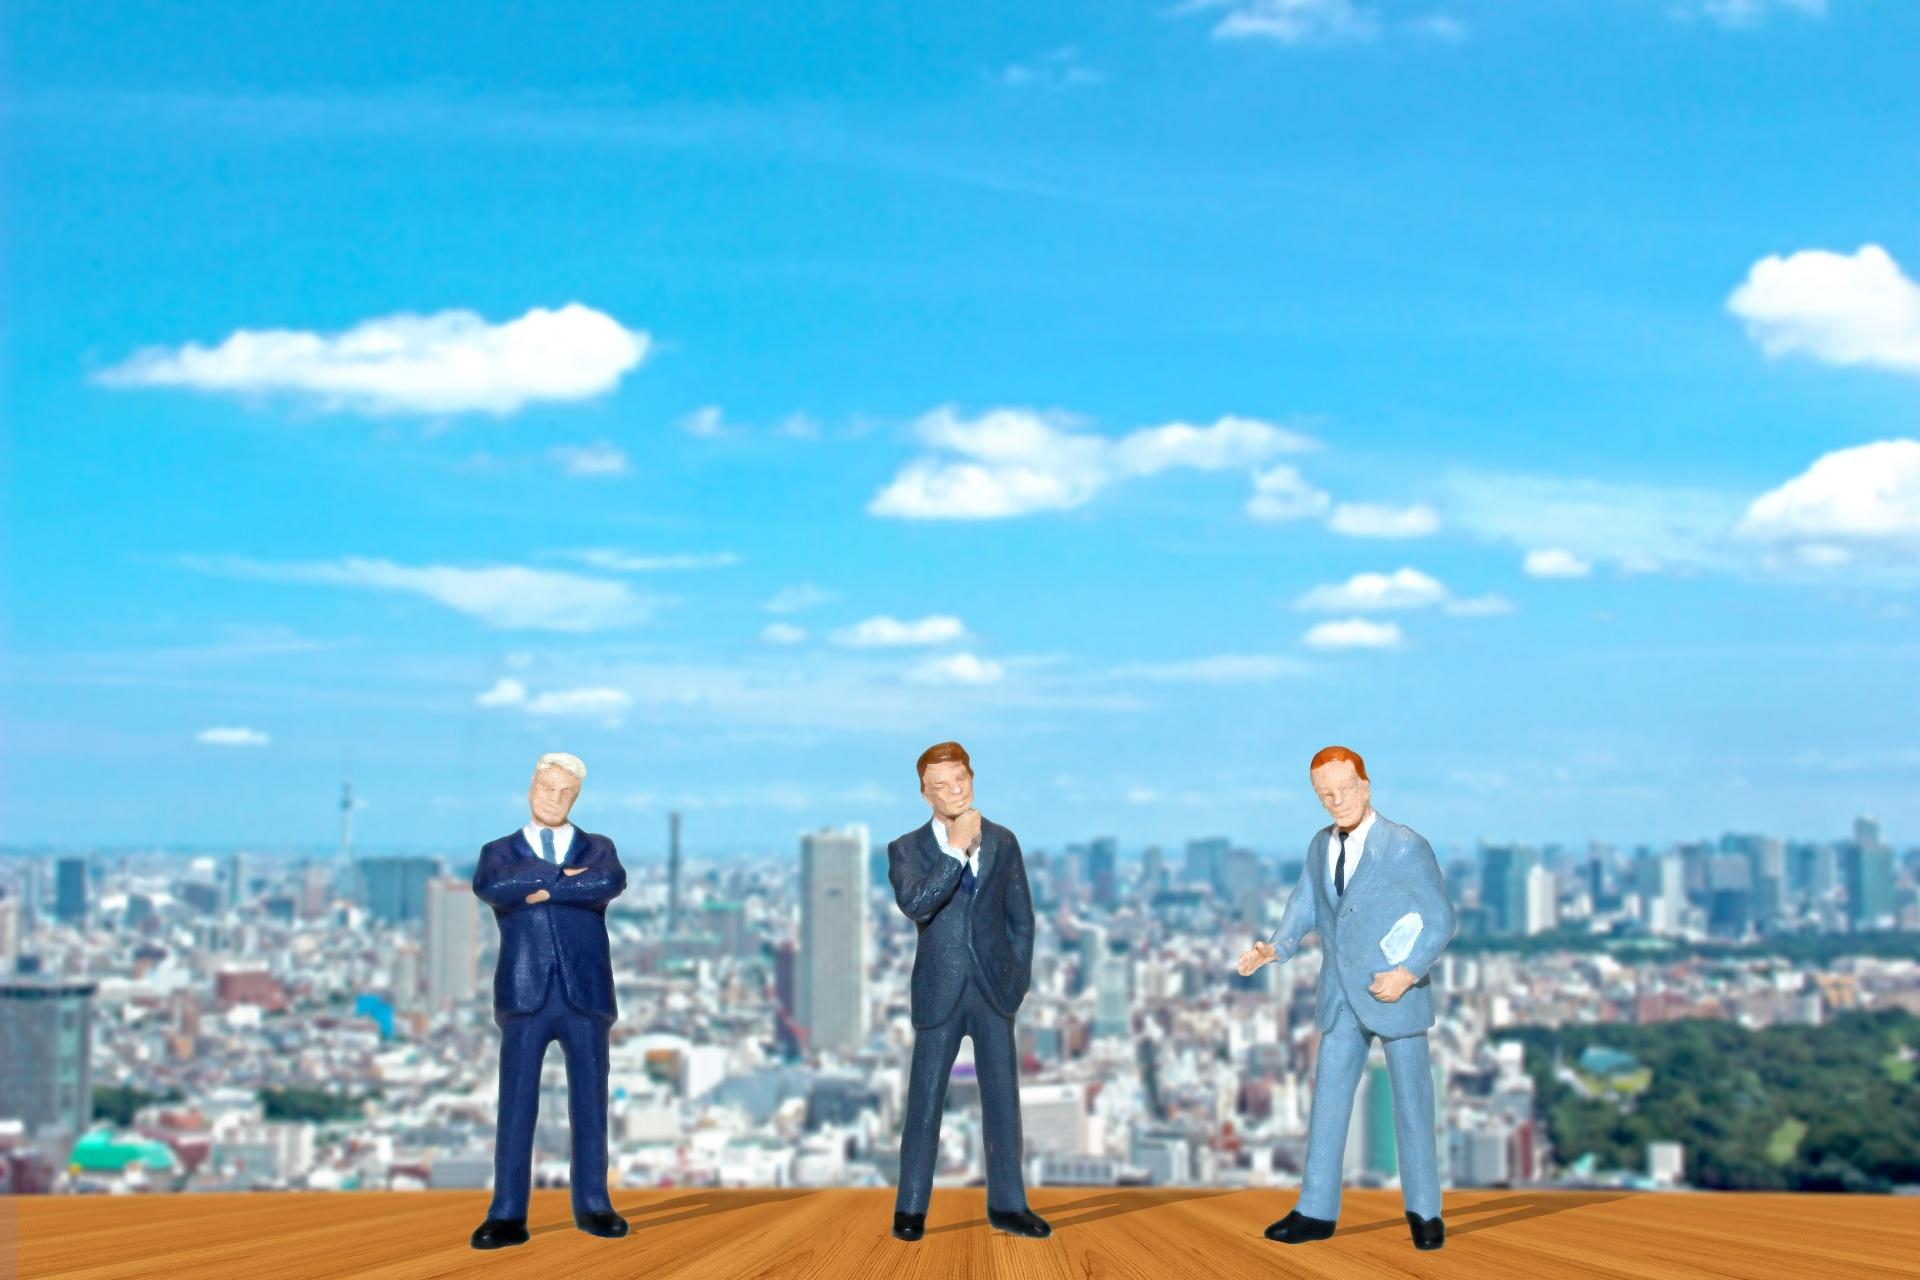 プロジェクトマネージャーとプロジェクトリーダーの役割 ~新人プロジェクトリーダー奮闘記~(Vol.21)